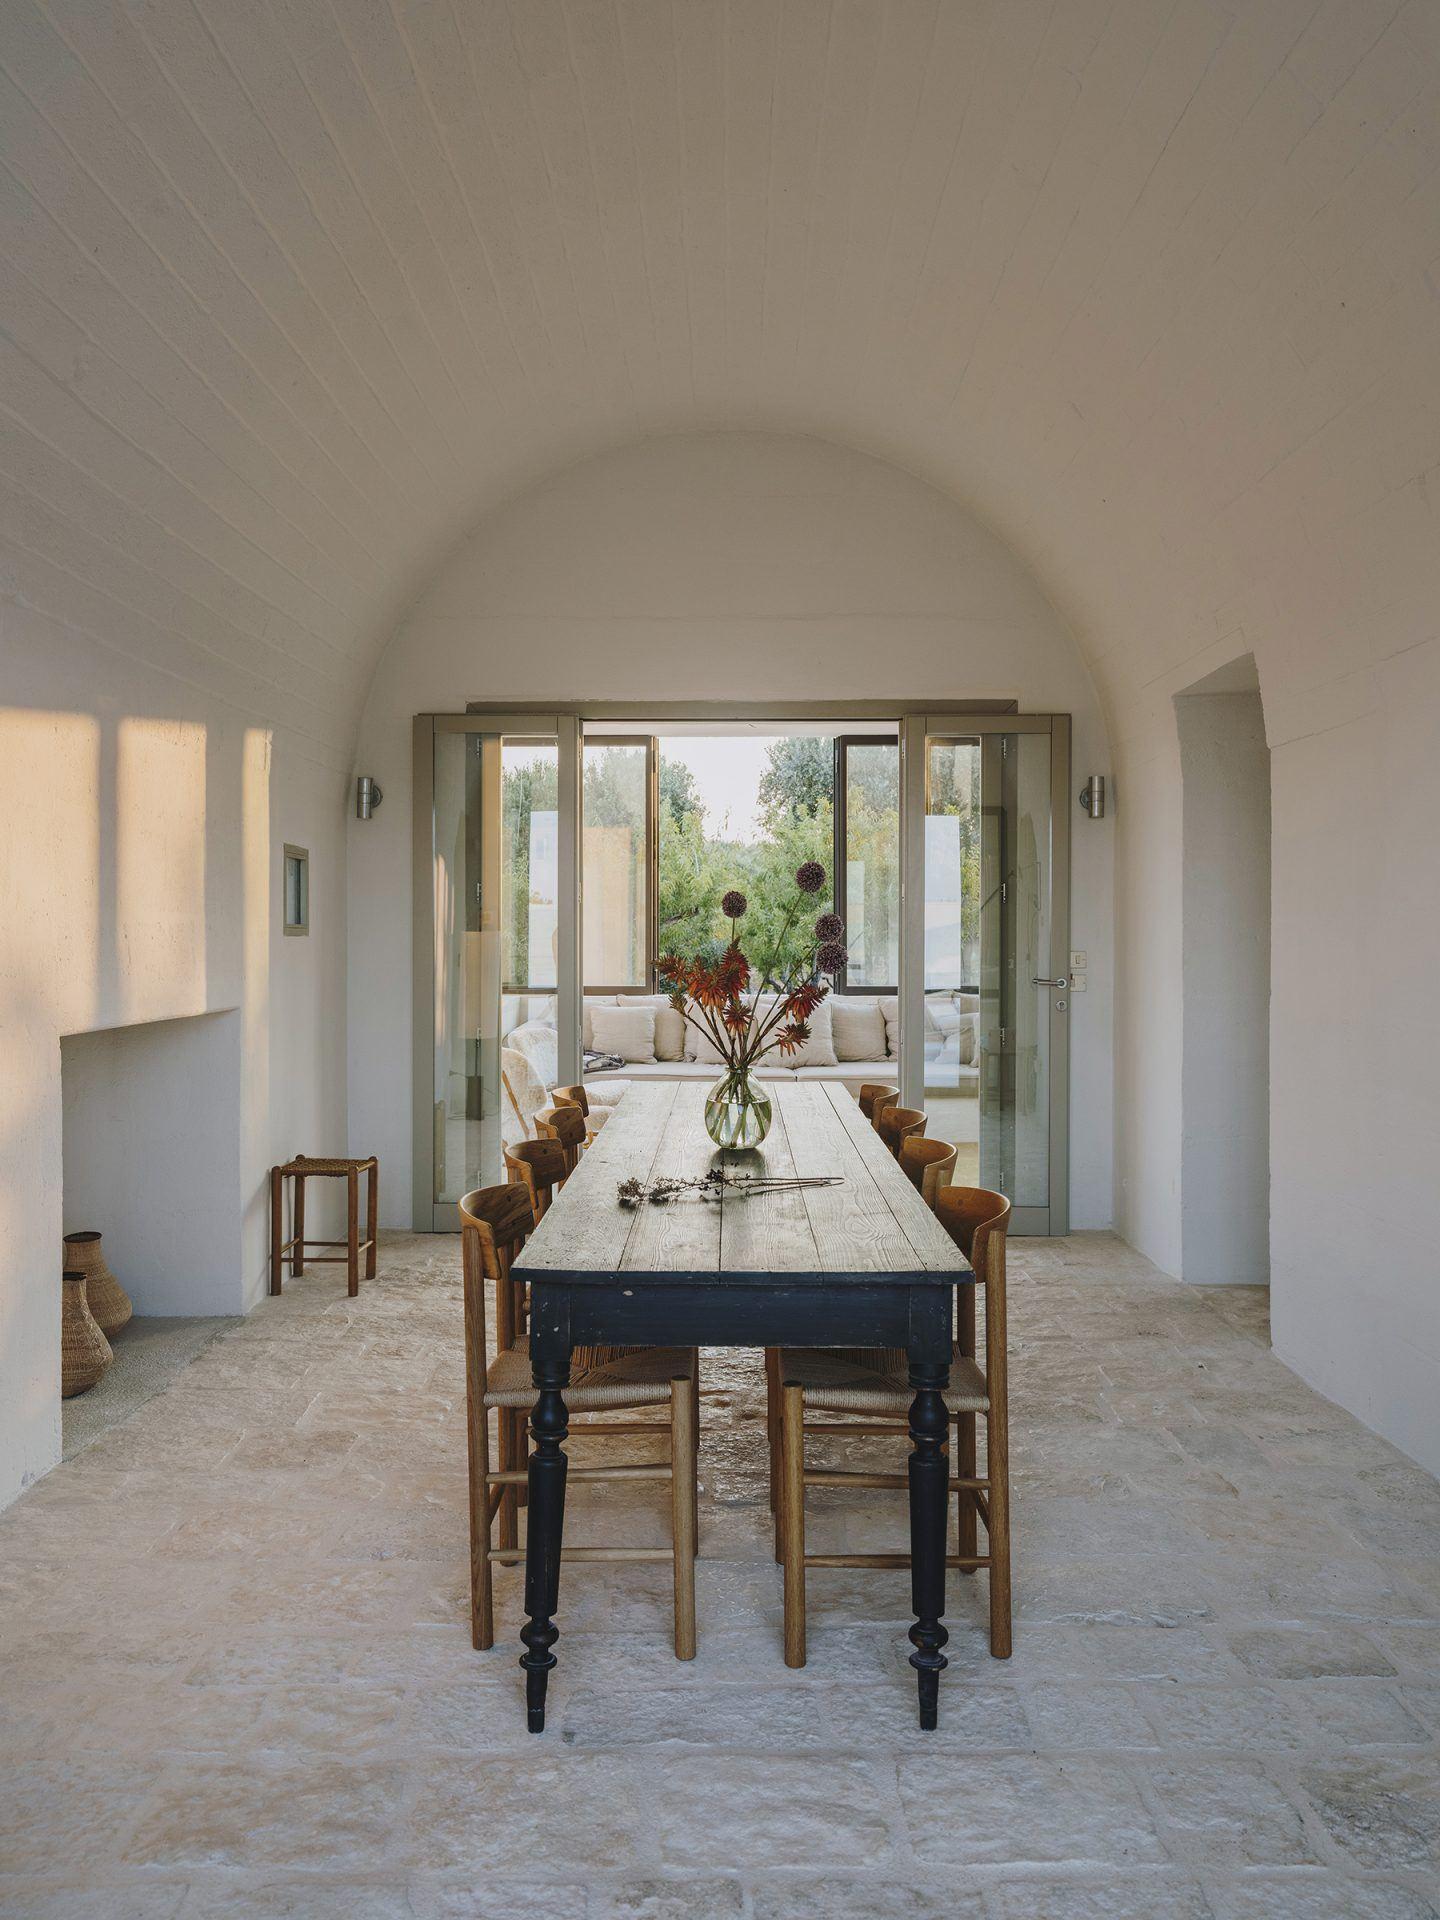 IGNANT-Architecture-Andrew-Trotter-Villa-Cardo-31